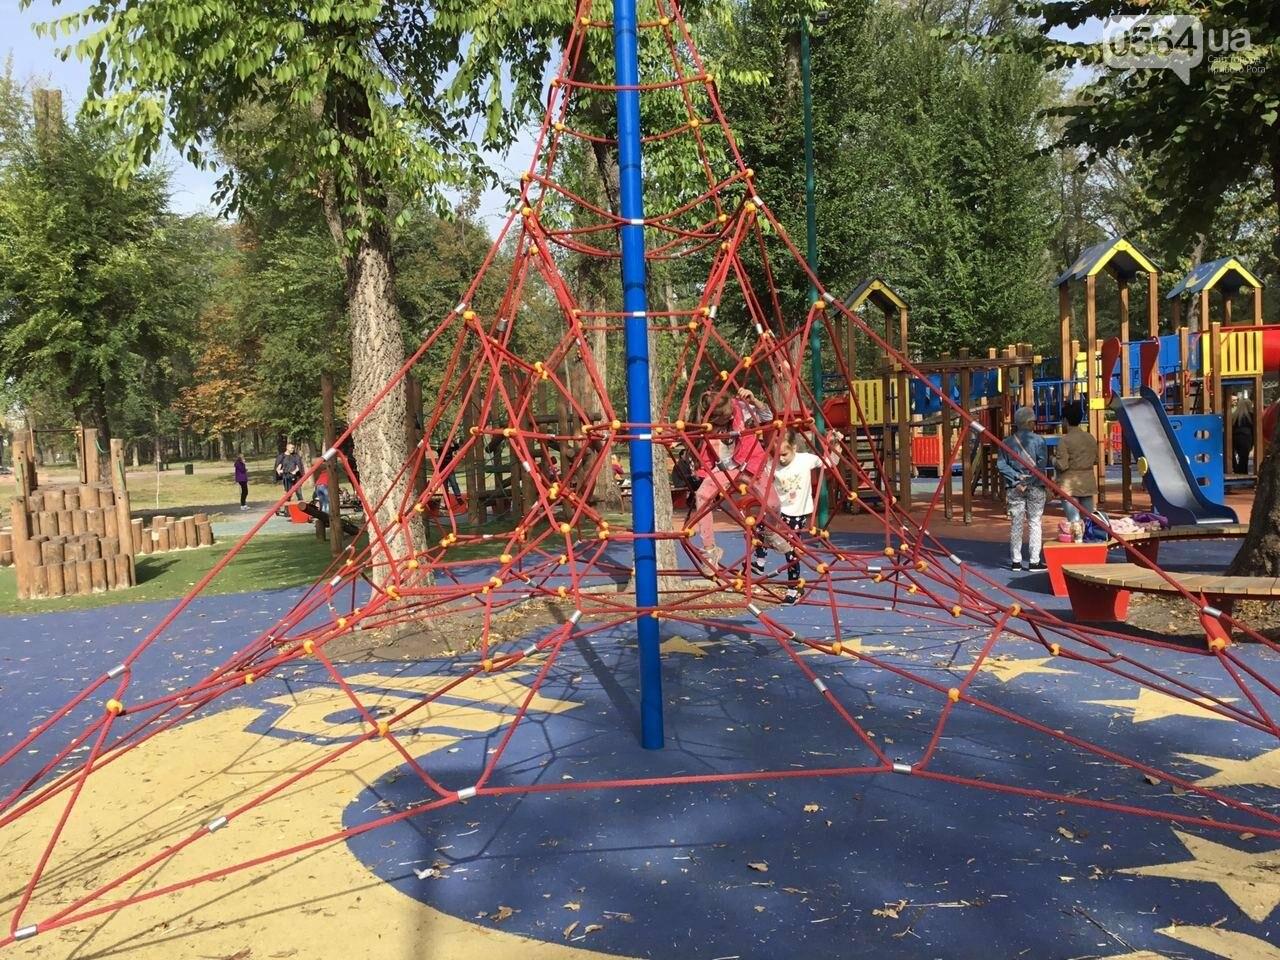 В Гданцевском парке наводят порядок. Как выглядит парк после покоса амброзии, - ФОТО, ВИДЕО, фото-54